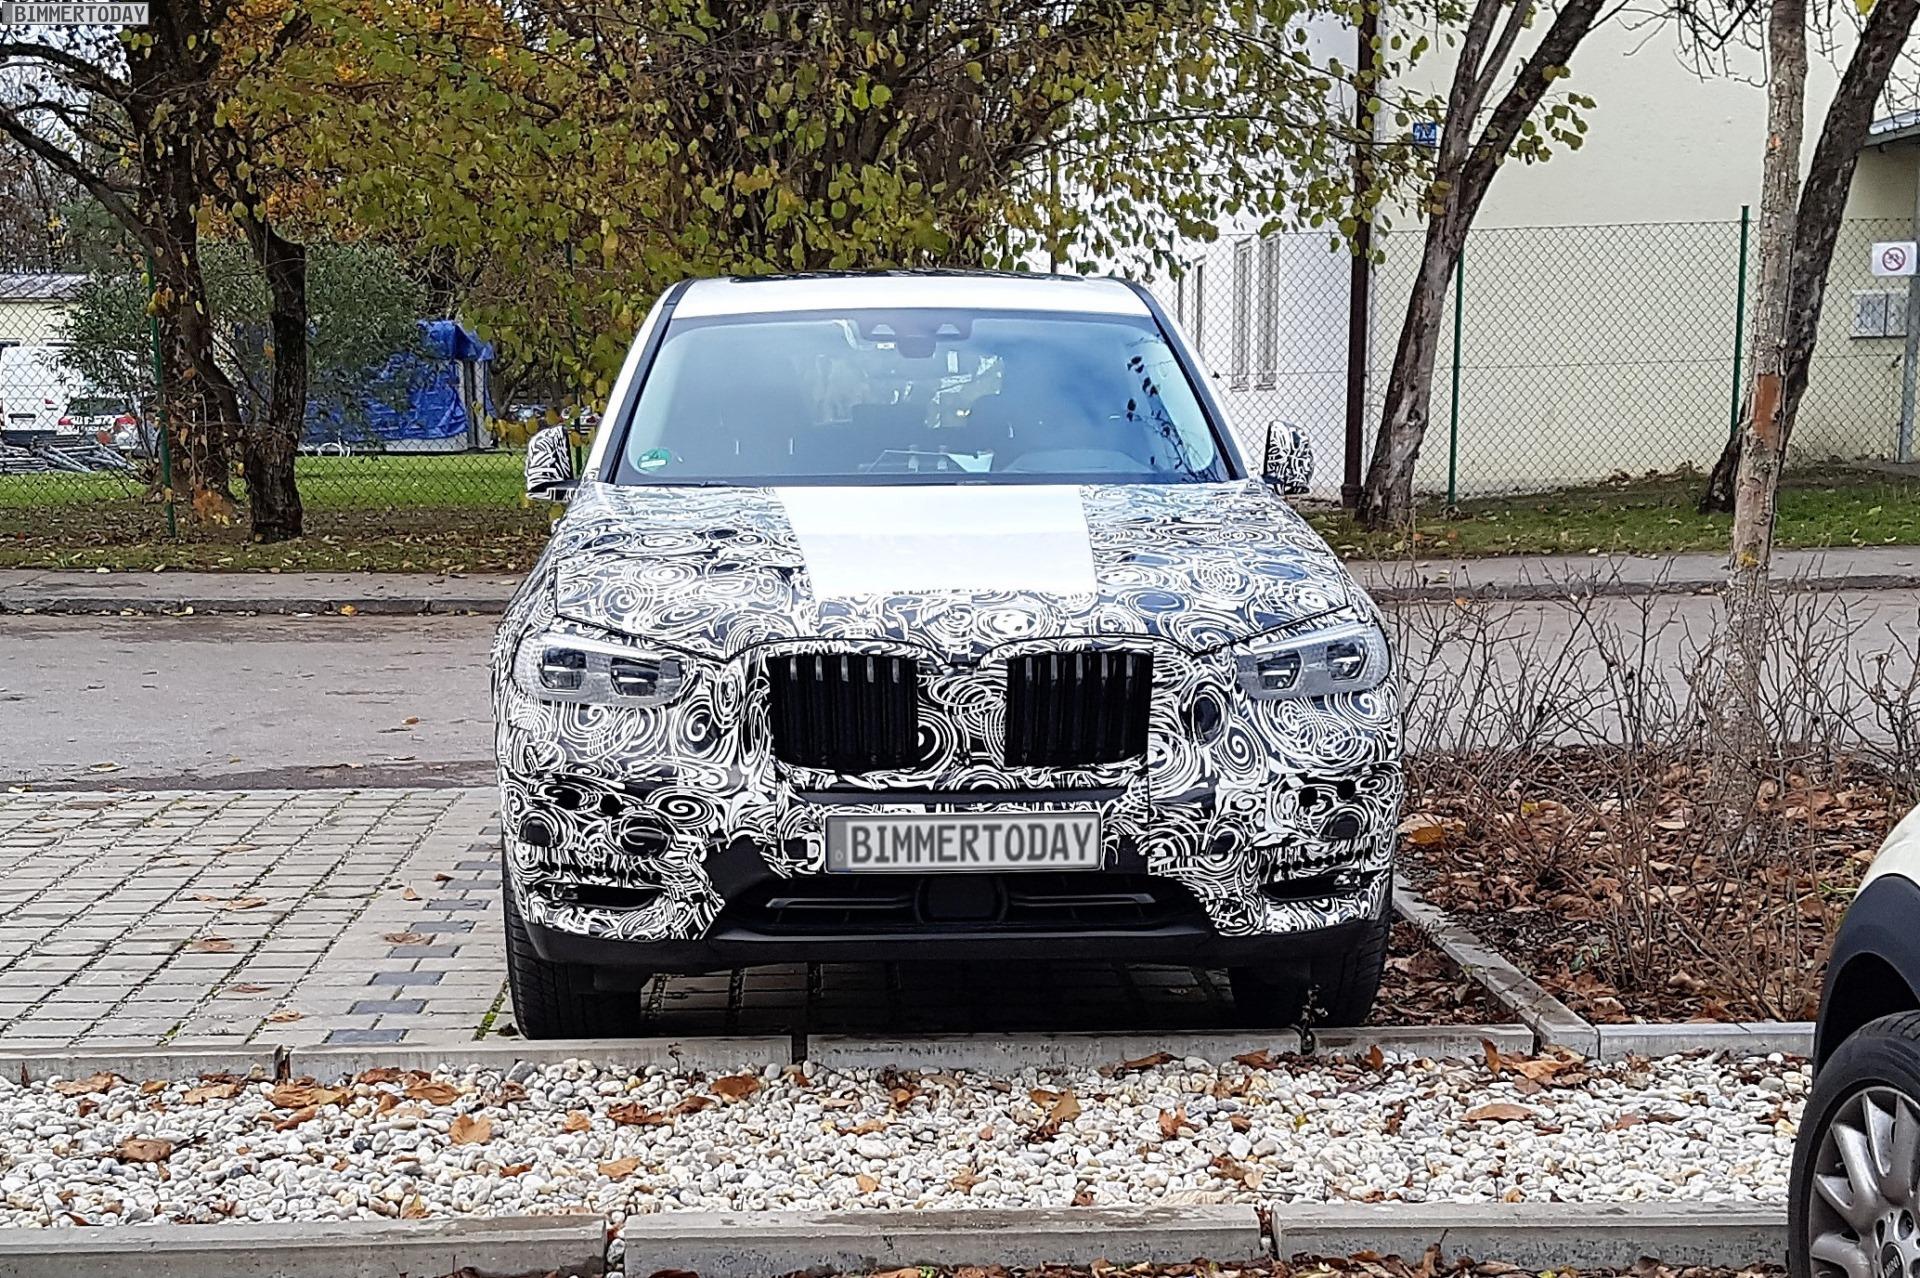 2017 BMW X3 G01 SUV Erlkoenig 08